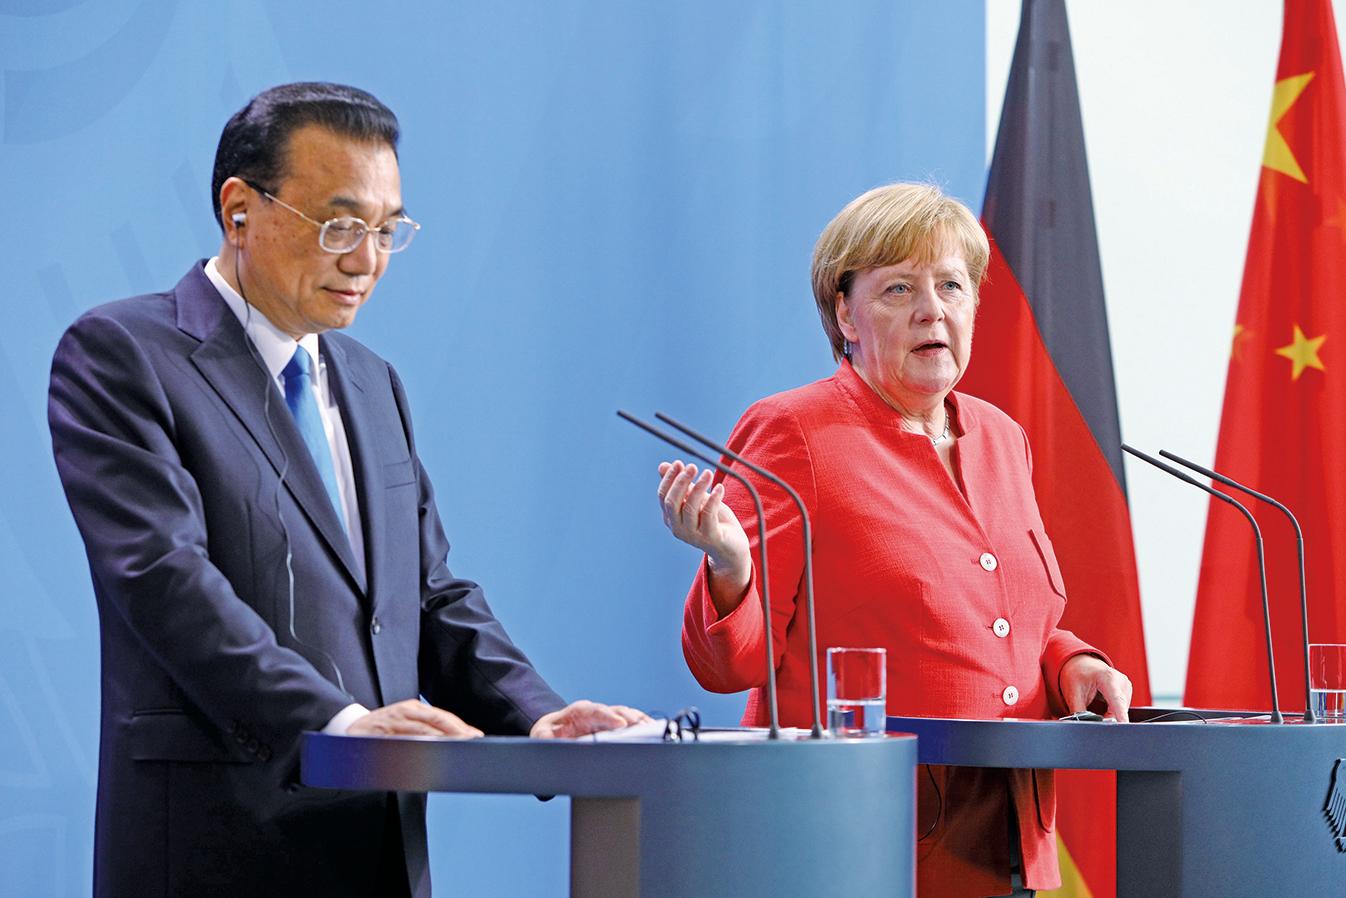 德國媒體爆料,中共間諜企圖對德國議員進行策反。圖為7月9日李克強(左)訪問德國,與德國總理默克爾舉行記者會。(Getty Images)